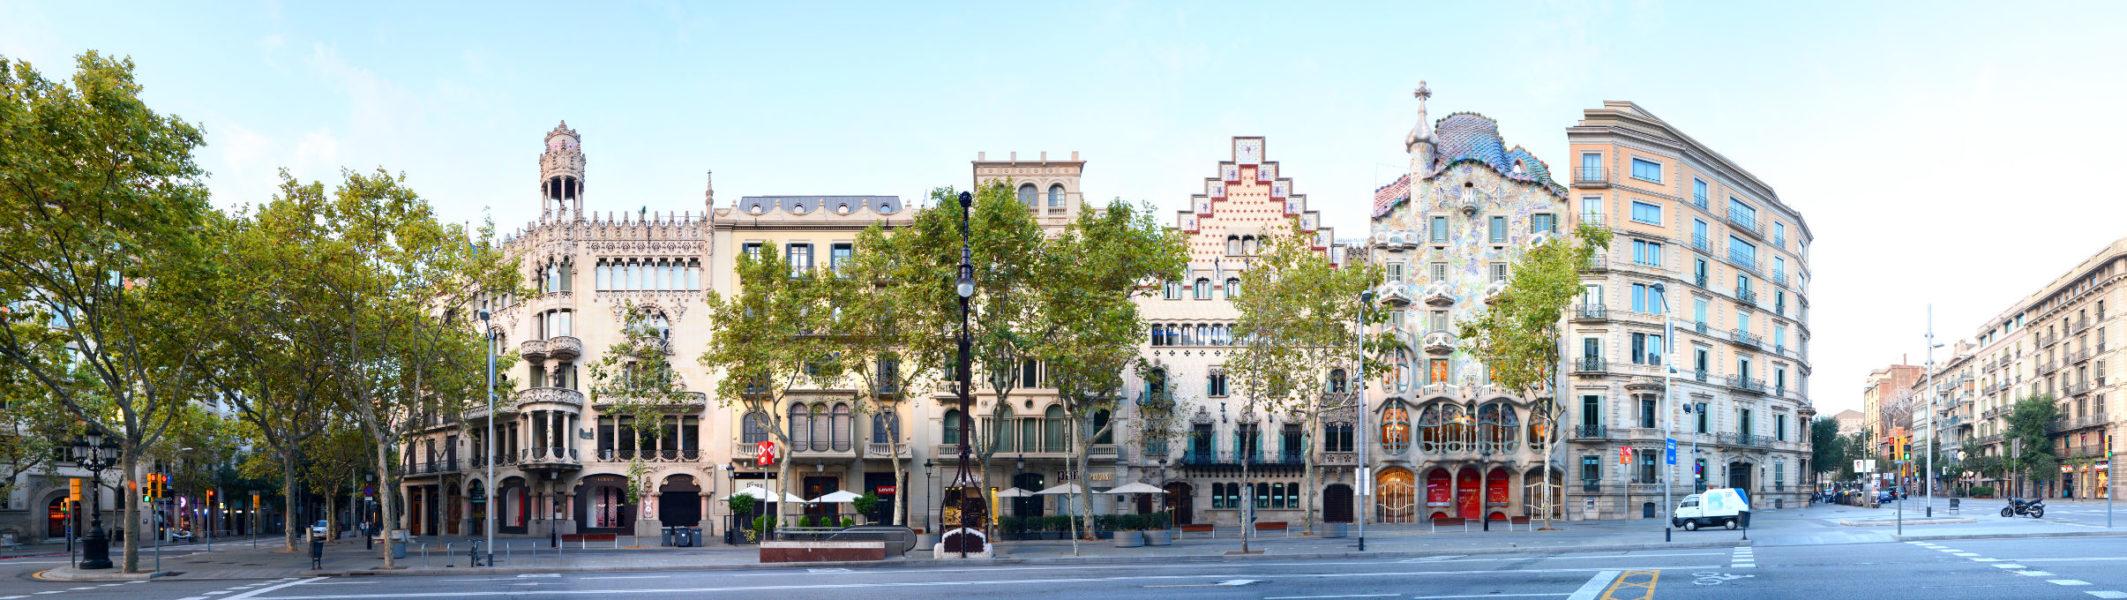 Casa Batllo | Passeig de Gracia